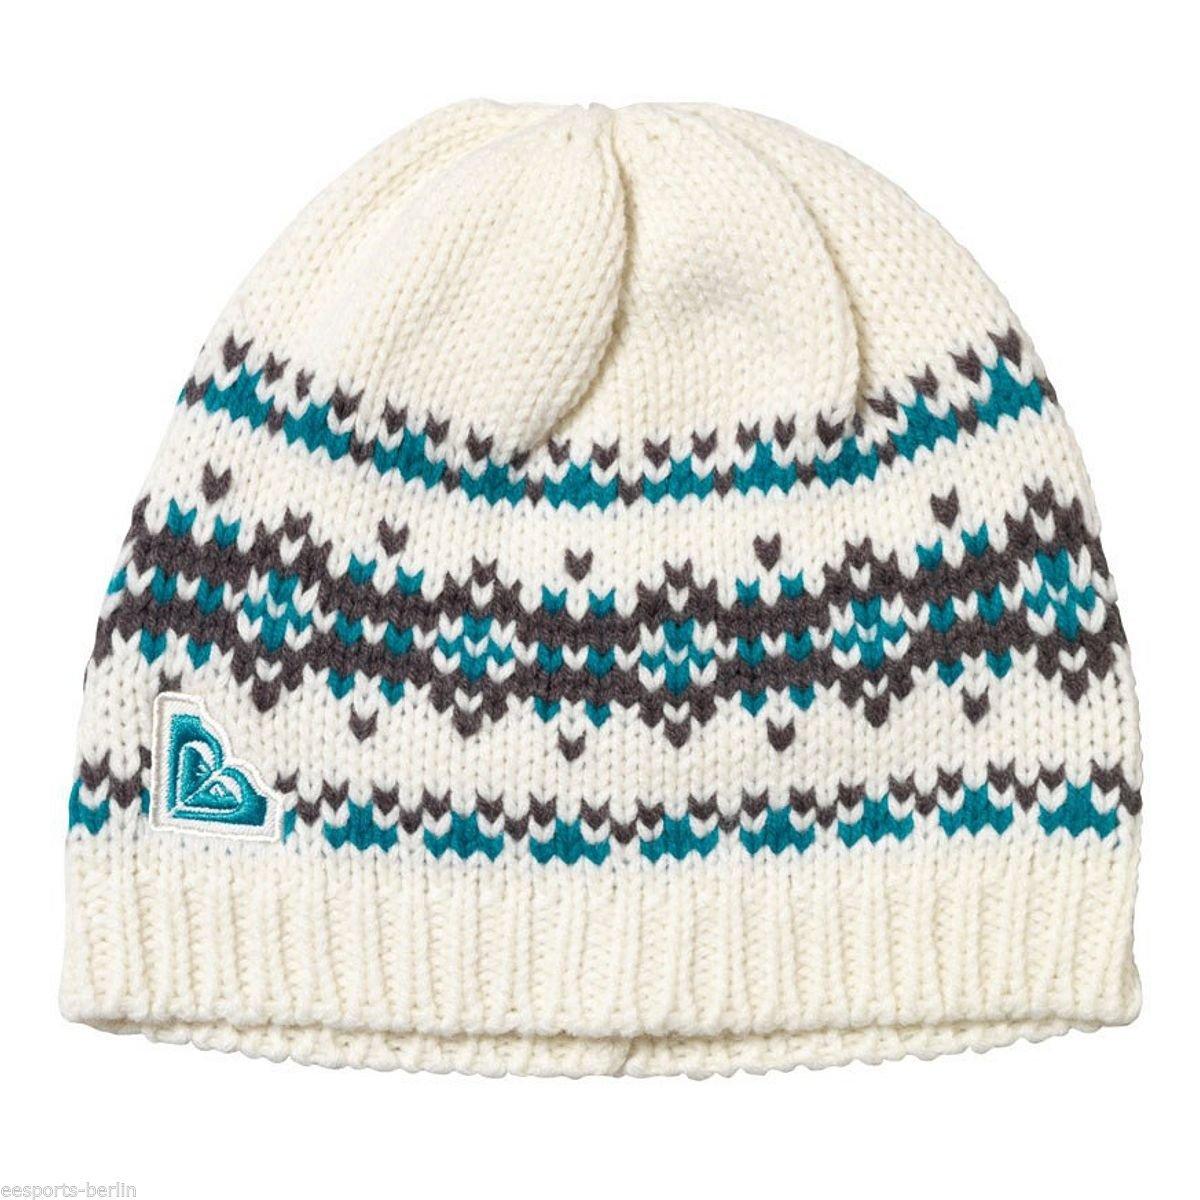 ROXY Kinder Wintermütze Strickmütze Mütze Mädchen Ski Snowboard Beanie Cremeweiß